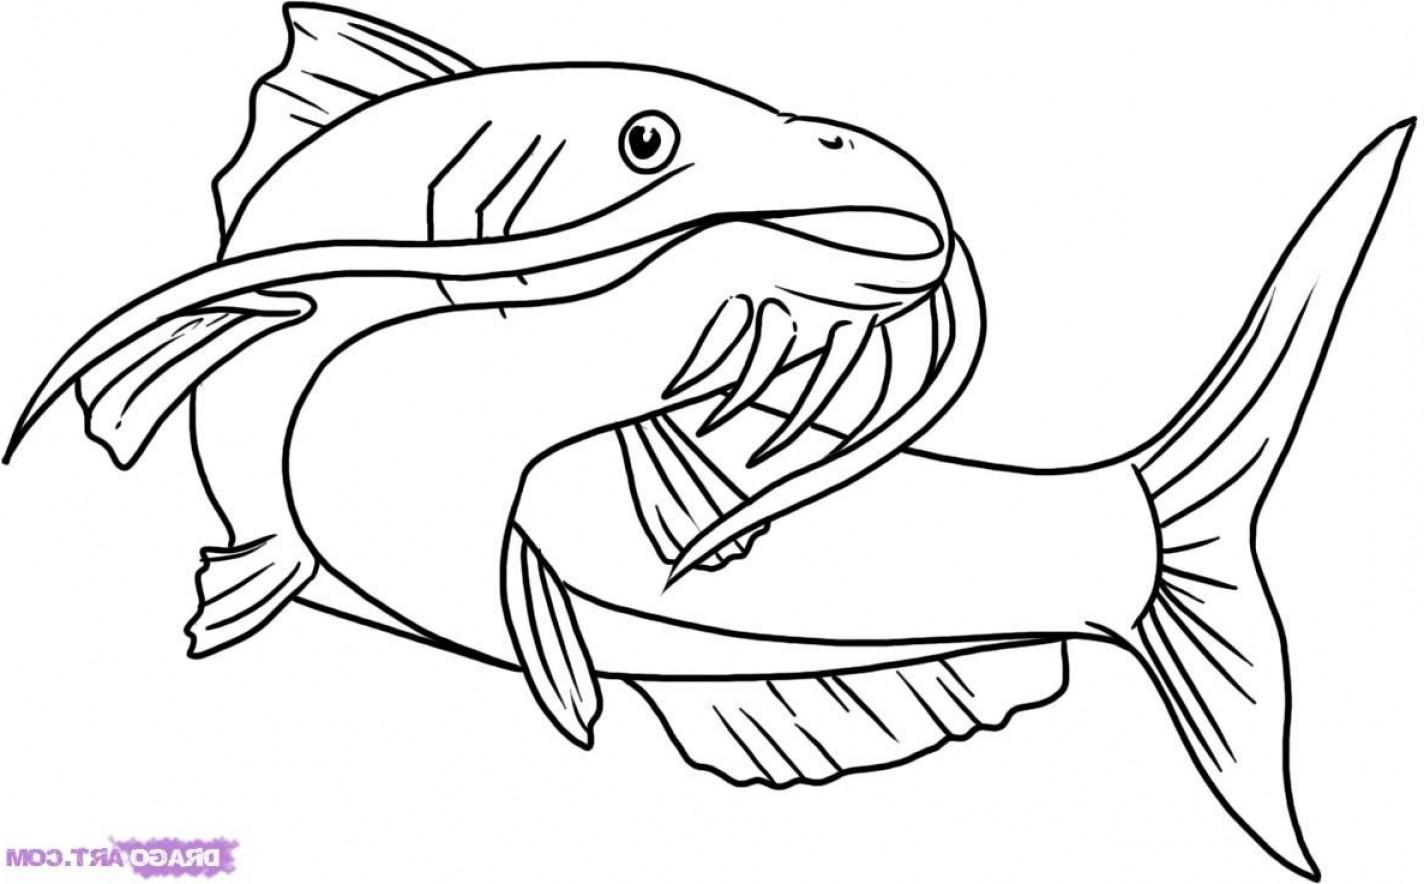 Cartoon Catfish Vector Id K Ud Um Ud Us Udx Uw Ud Uh Ud Clipart.